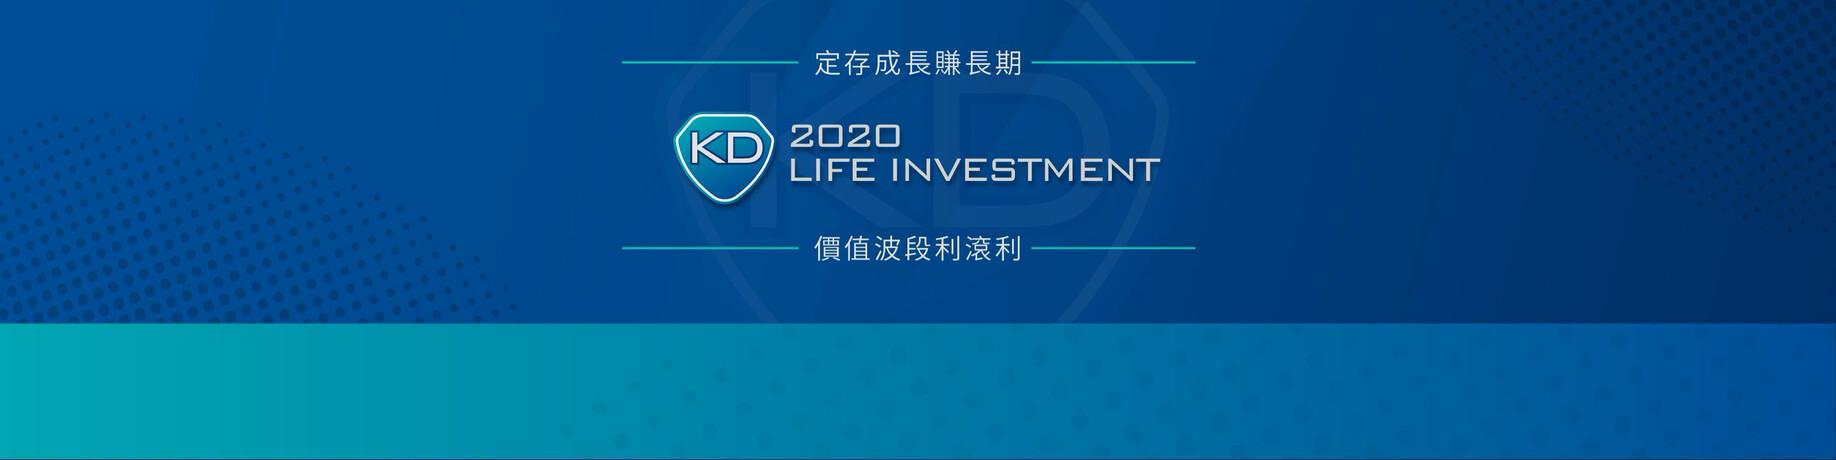 【阿格力生活投資學】定存成長股×價值波段雙戰略